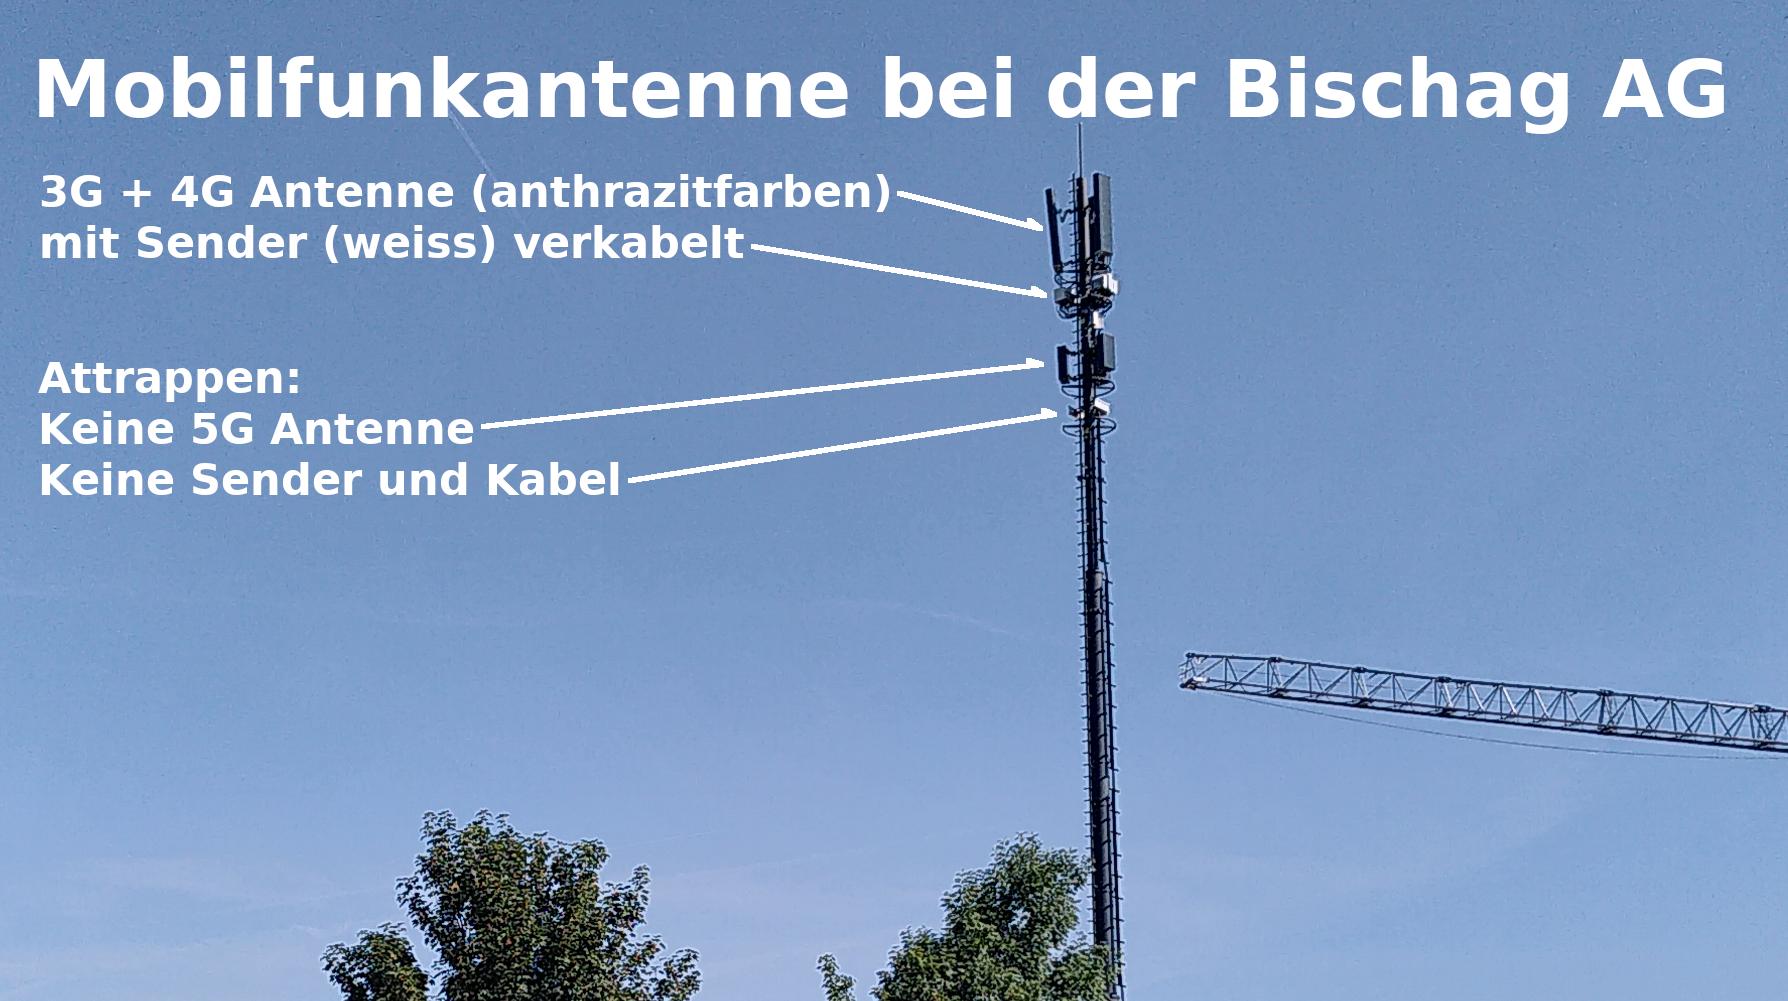 Bischag_Antenne_mit_Attrappen